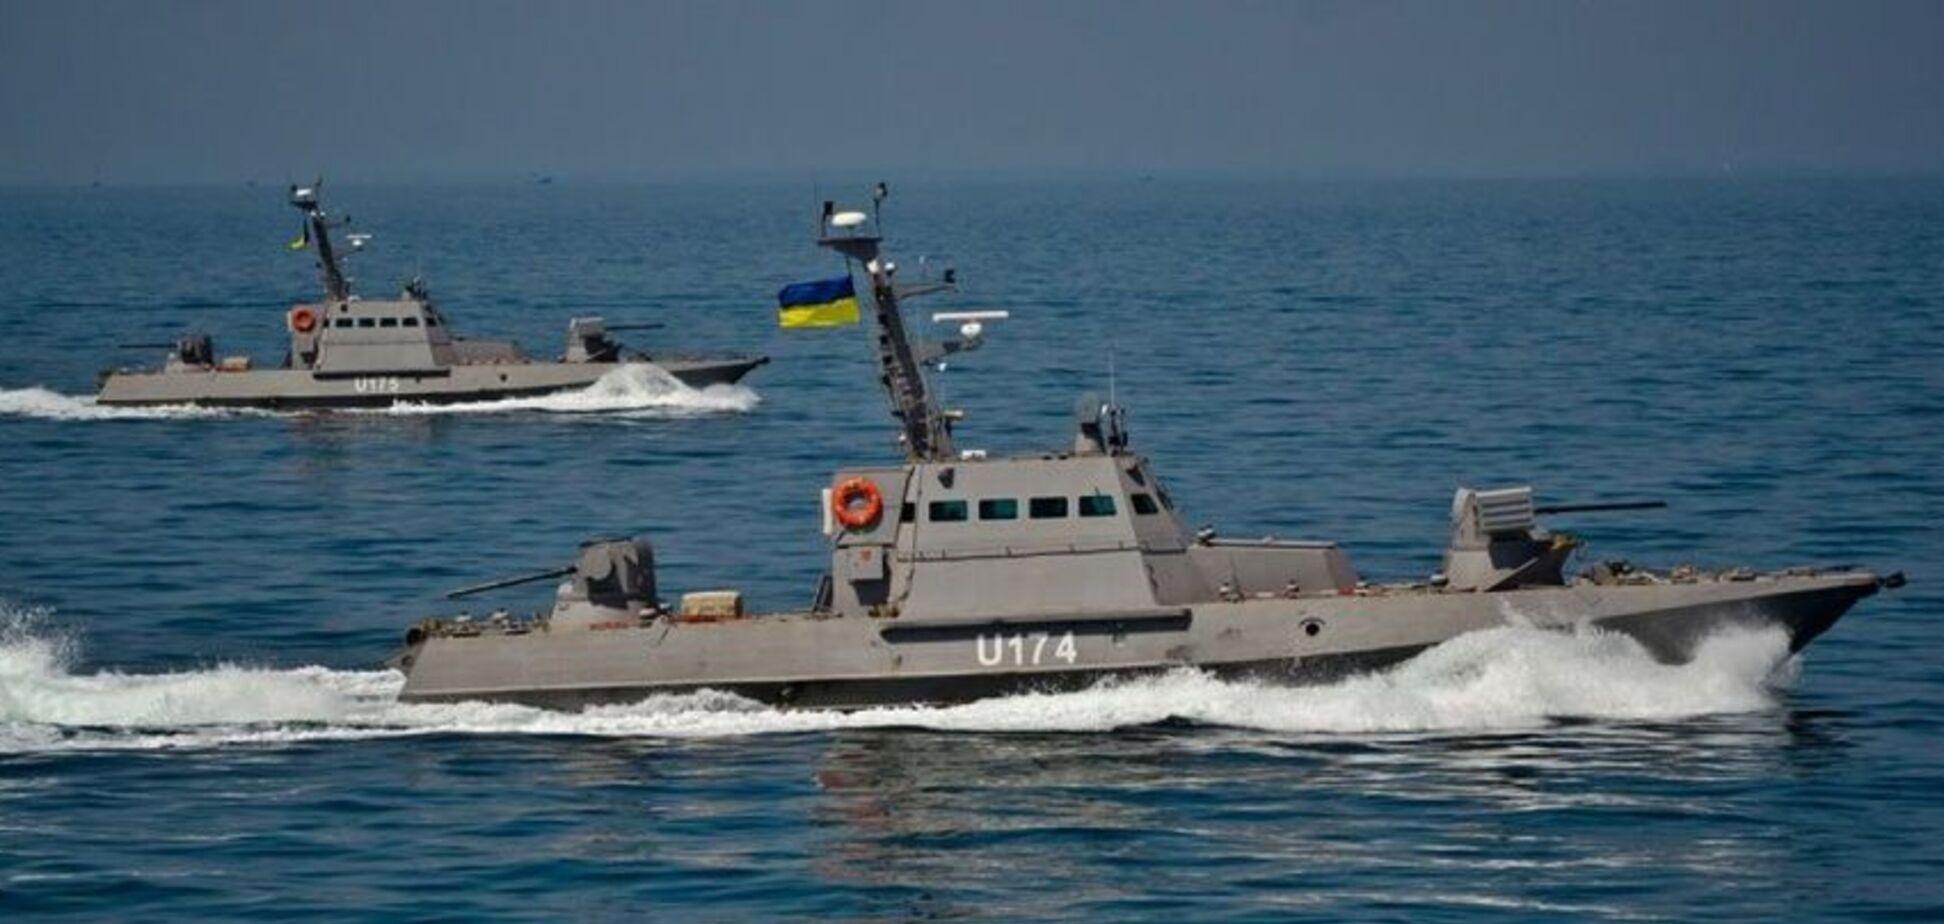 Еще одна страна поддержала Украину в конфликте с РФ